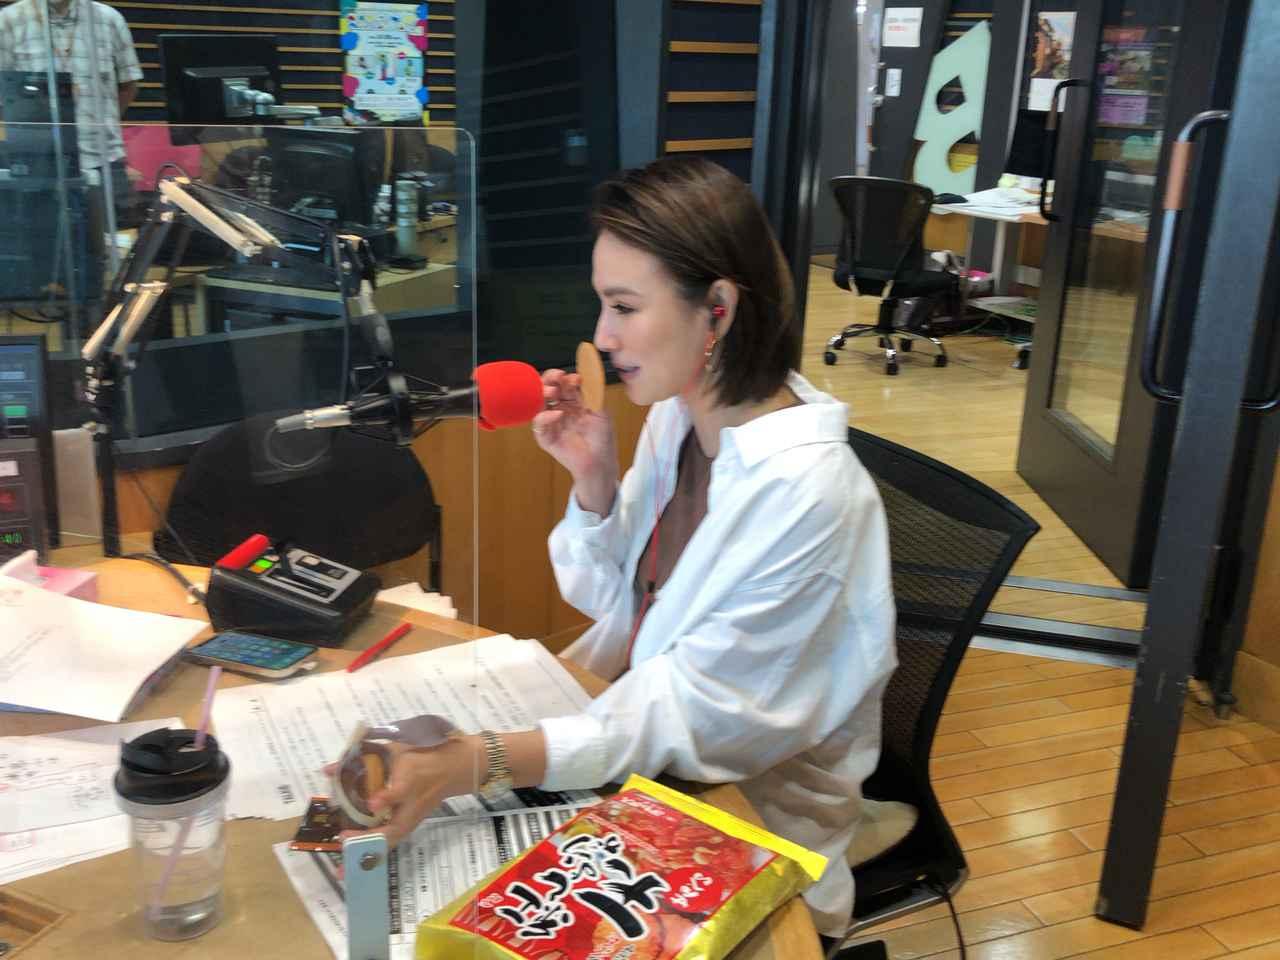 画像2: 10月13日水曜日 阪神高速maruごとハイウェイ!